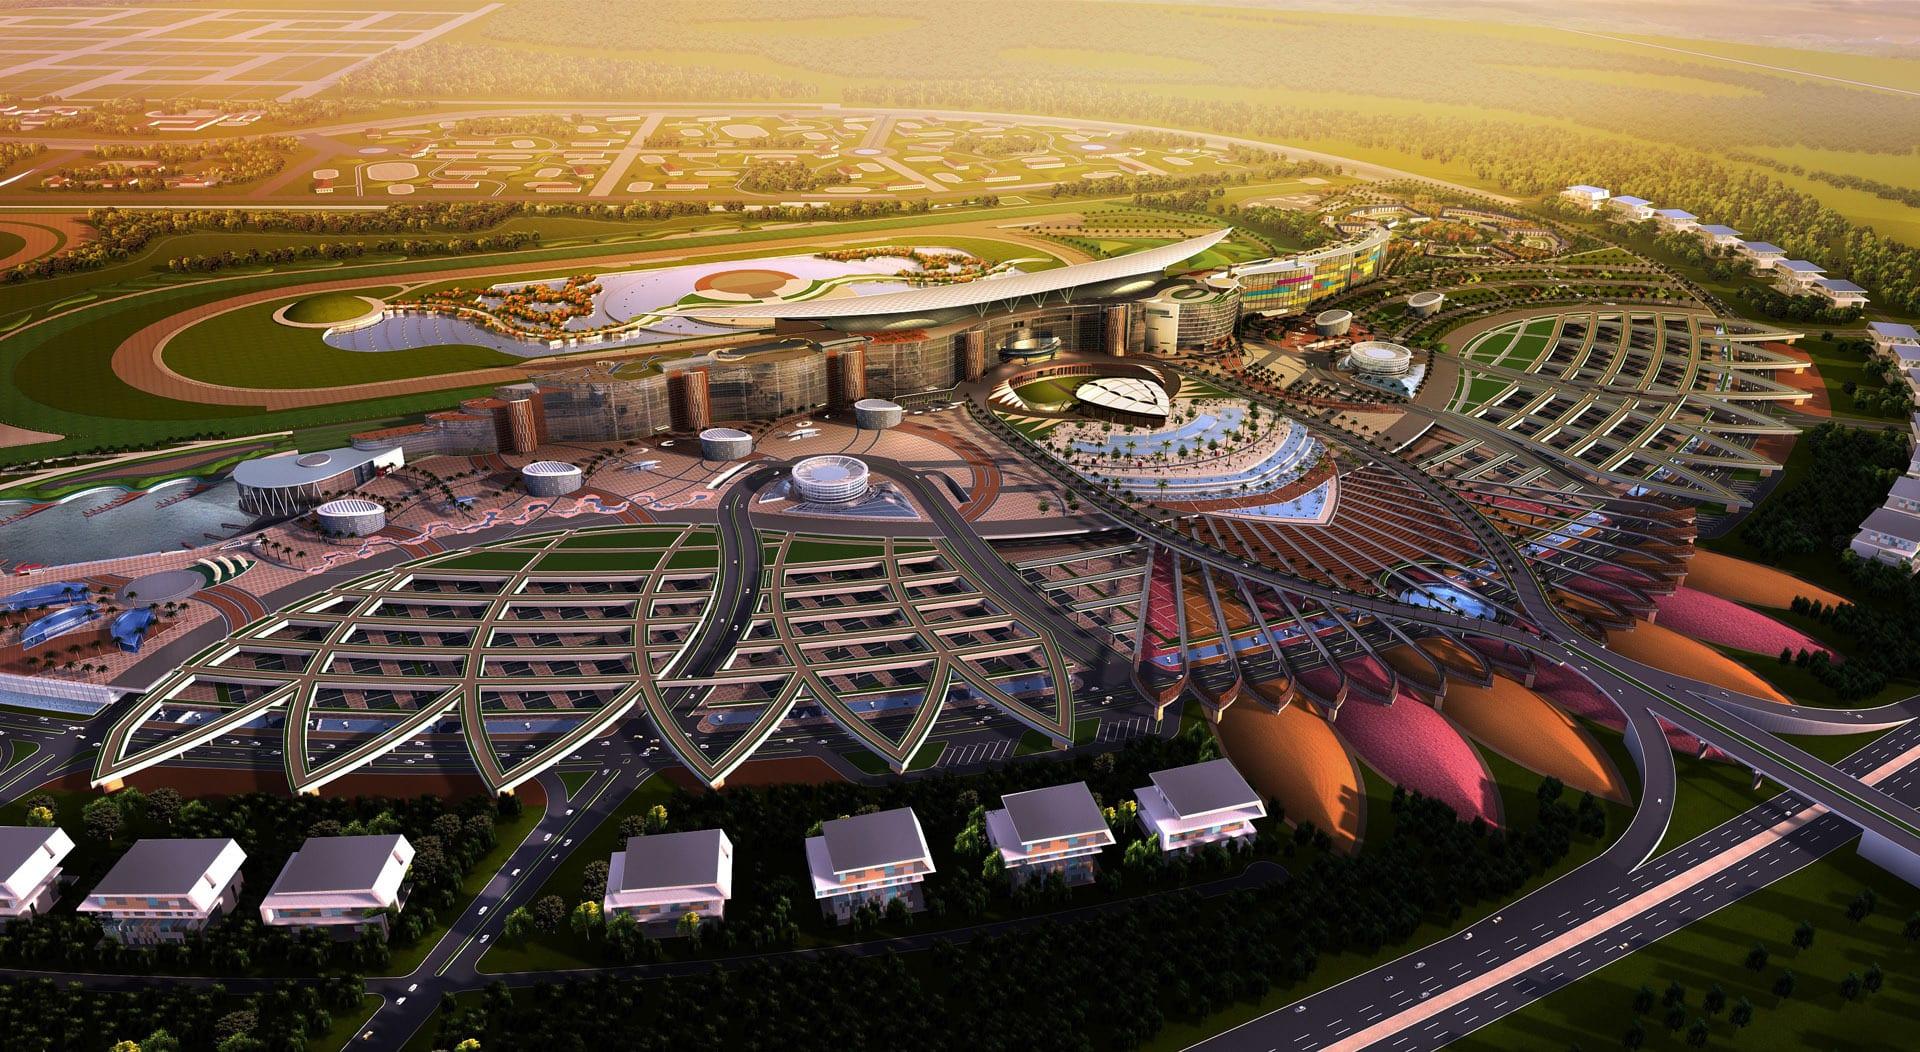 منطقة ميدان في إمارة دبي